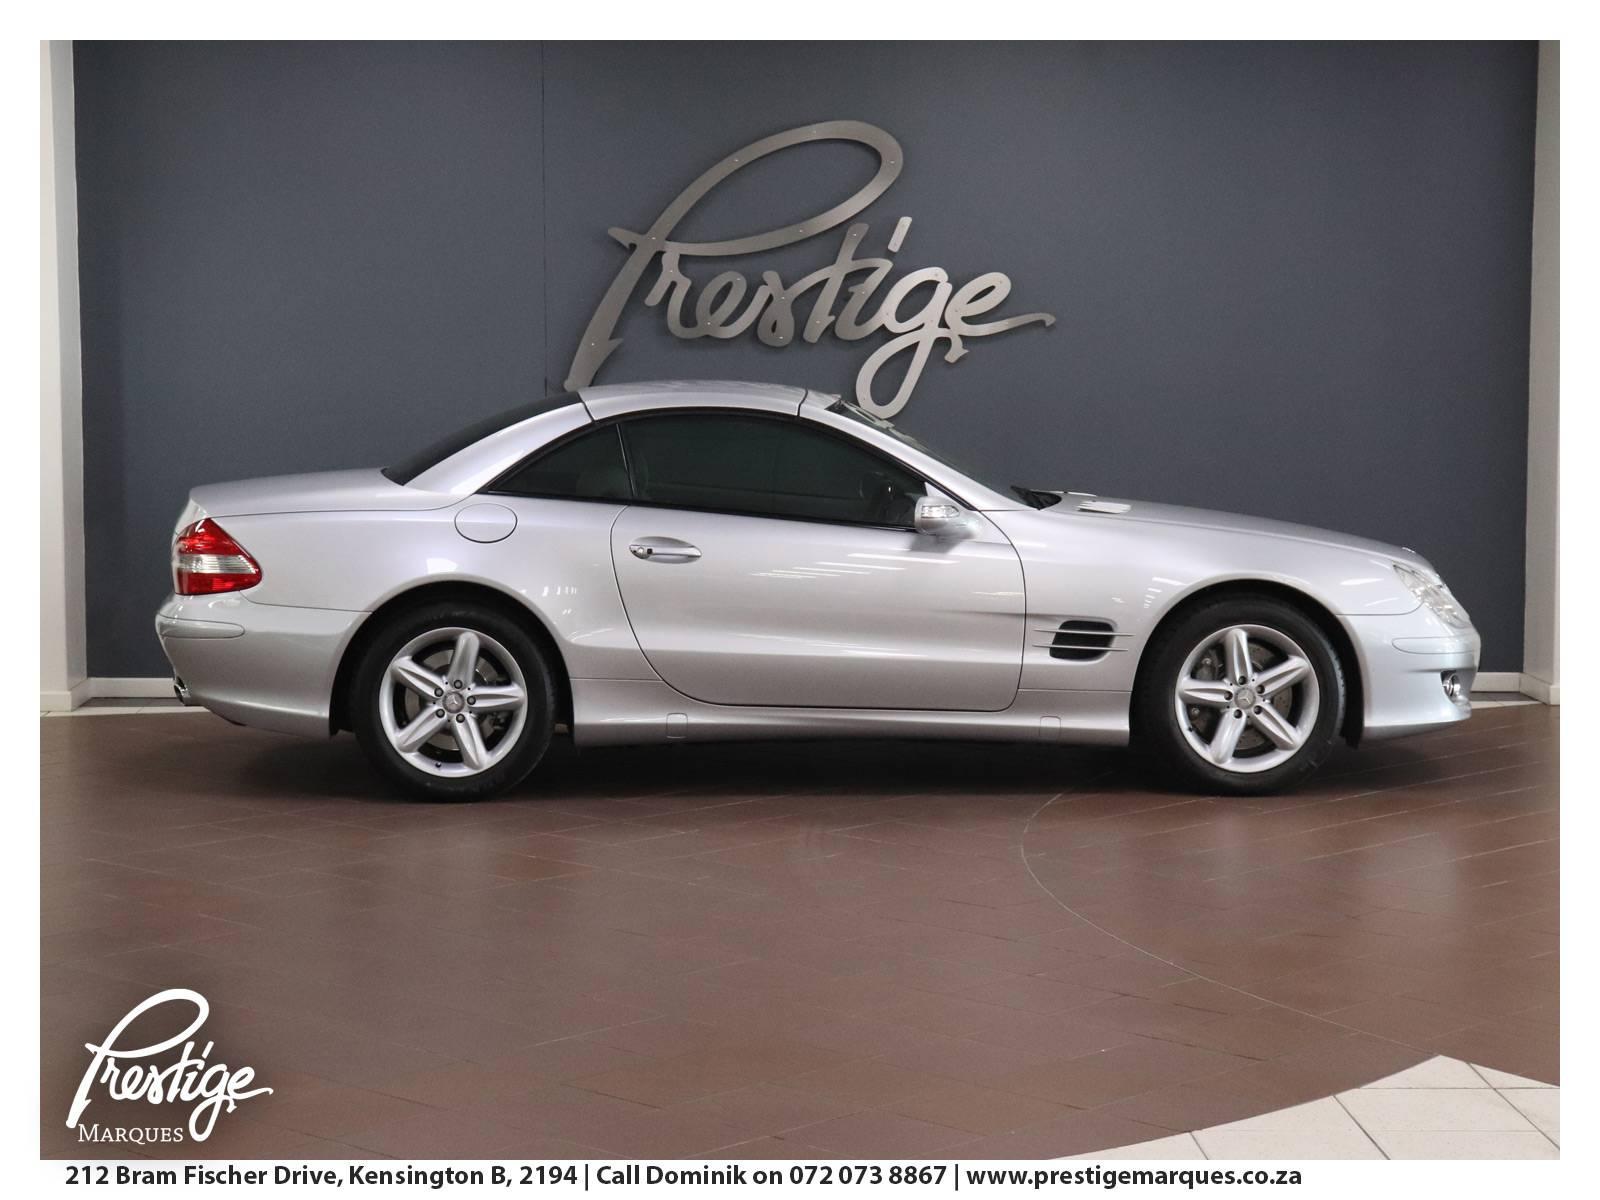 2007-Mercedes-benz-sl500-203-facelift-Prestige-Marques-Randburg-Sandton-4